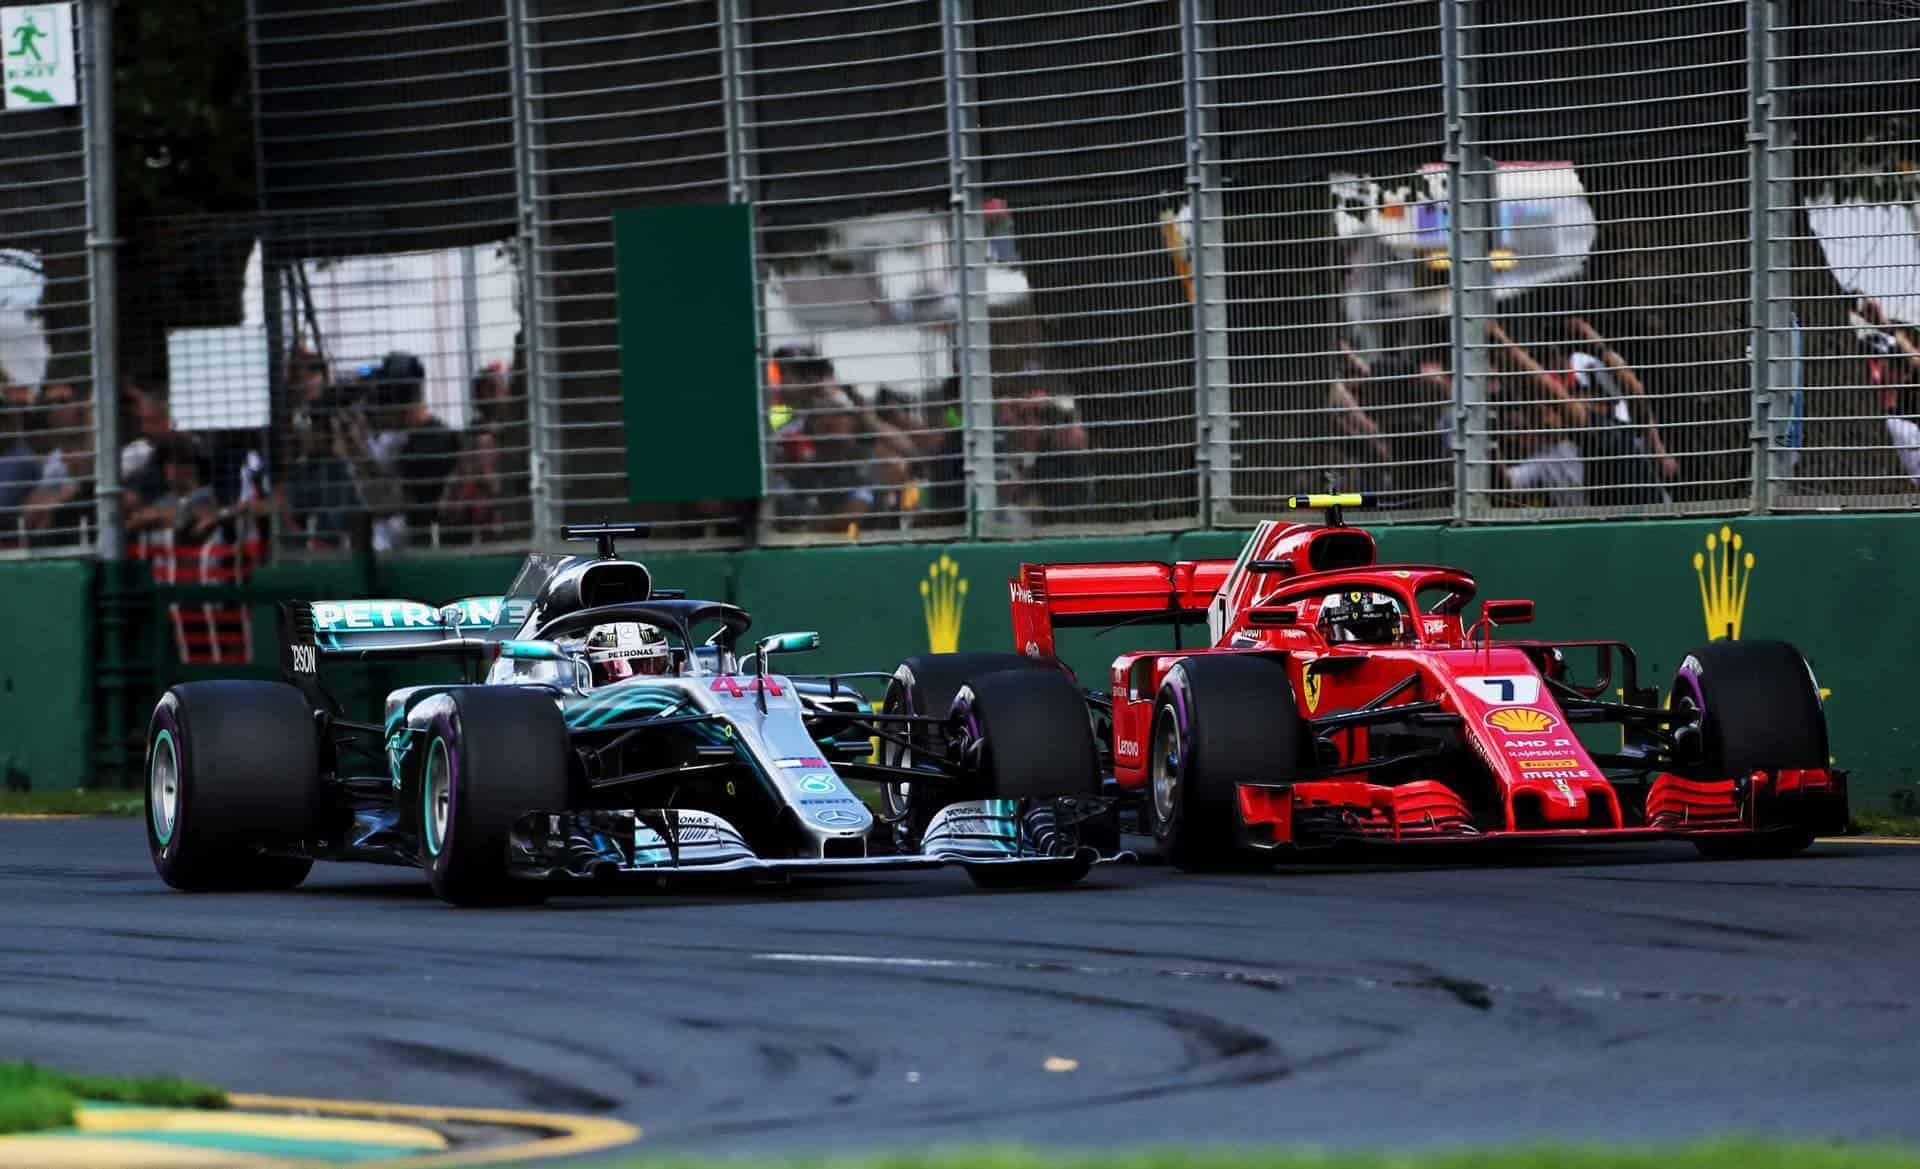 Kimi Raikkonen Ferrari F1 2018 Australian GP Lewis Hamilton Mercedes Photo Ferrari